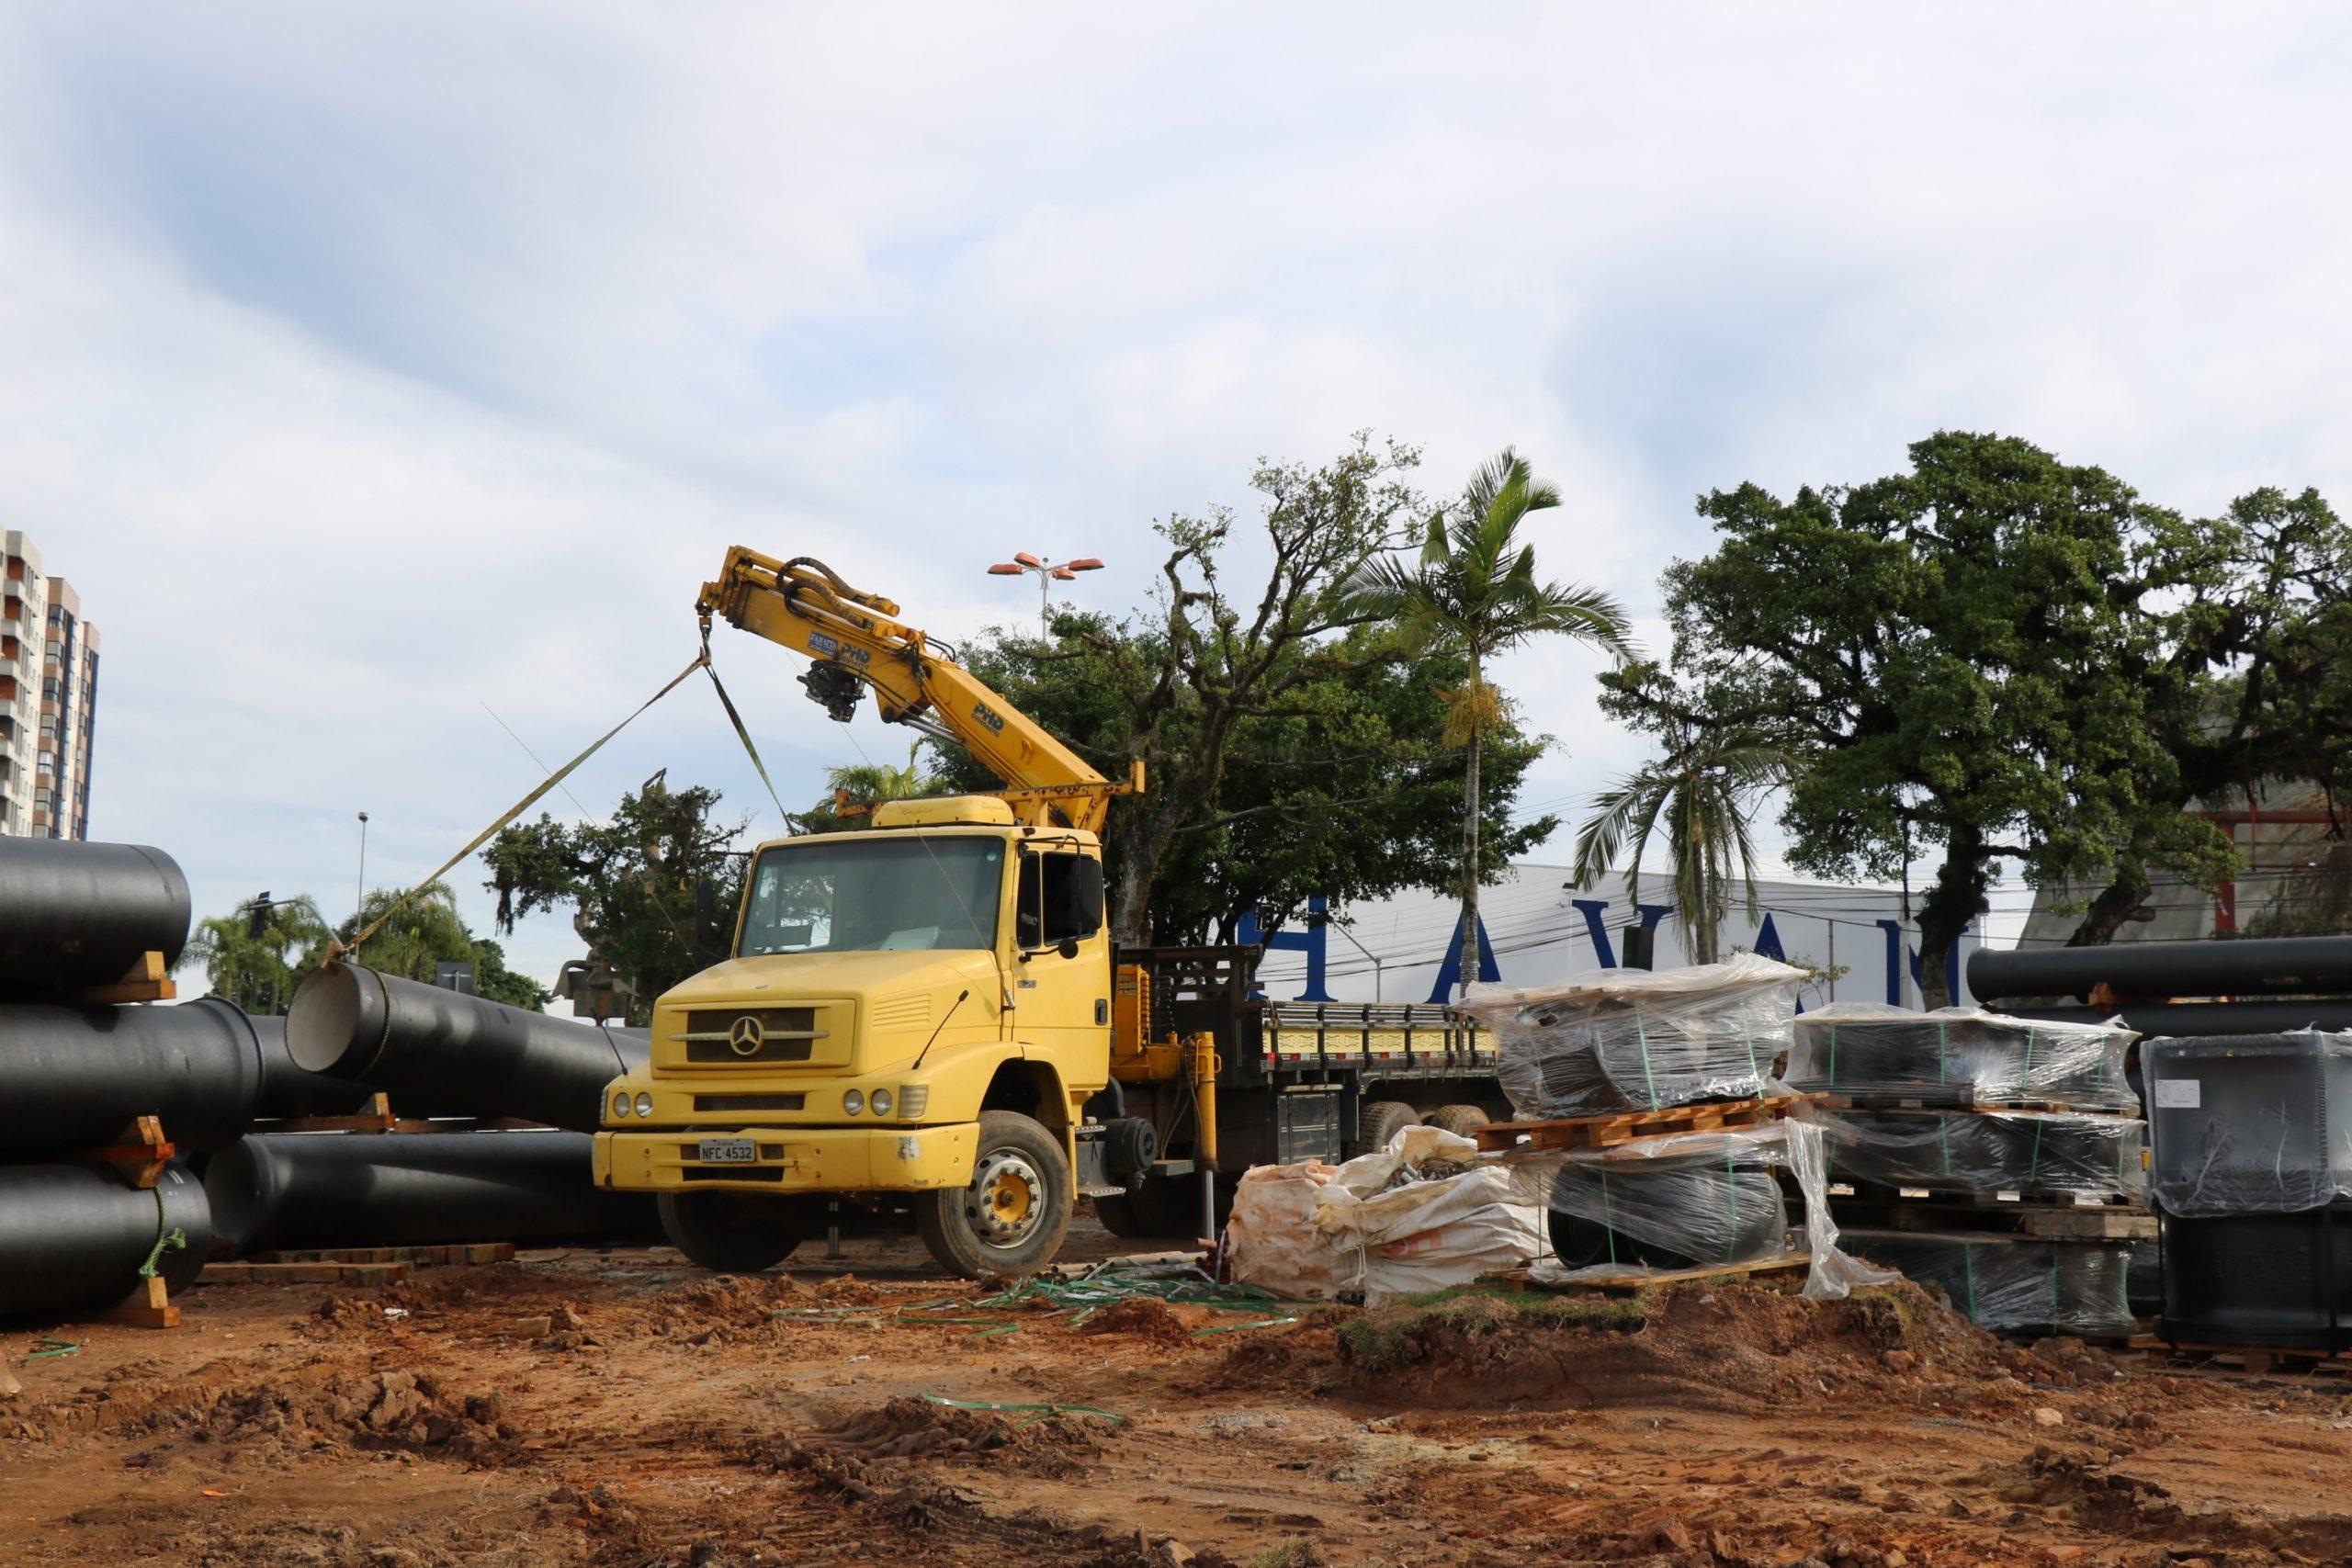 Deslocamento de adutoras na obra do Elevado da Quarta Avenida será feito em duas etapas